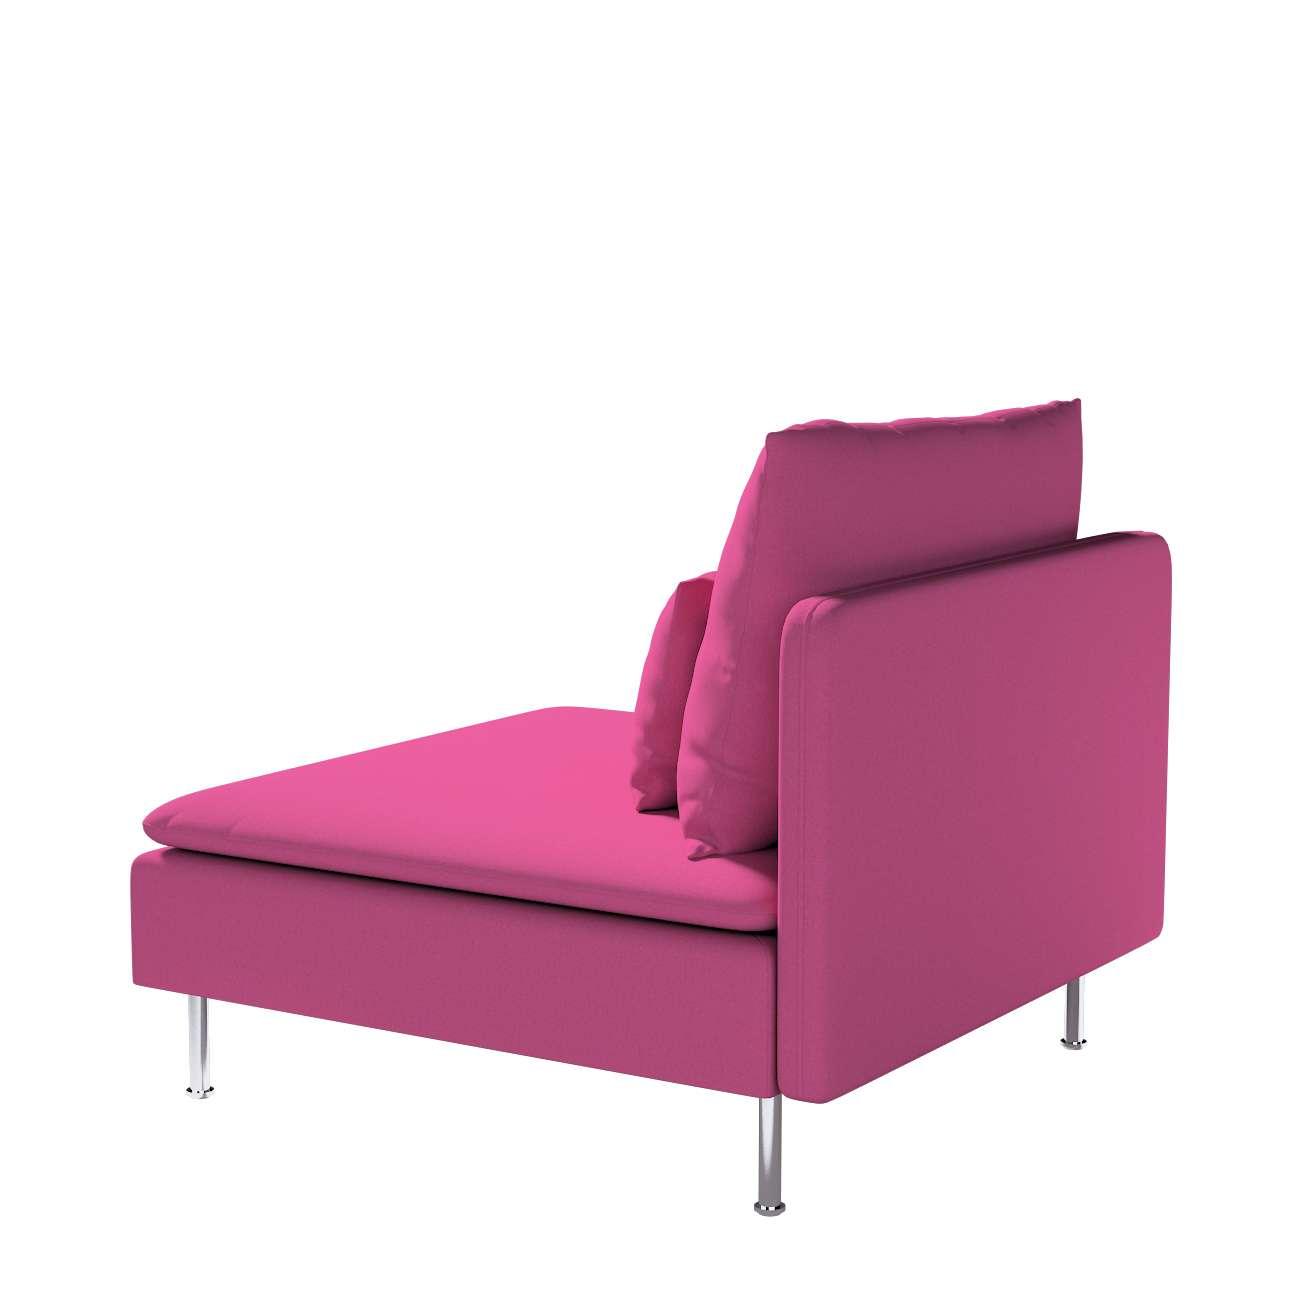 Bezug für Söderhamn Sitzelement 1 von der Kollektion Living II, Stoff: 161-29